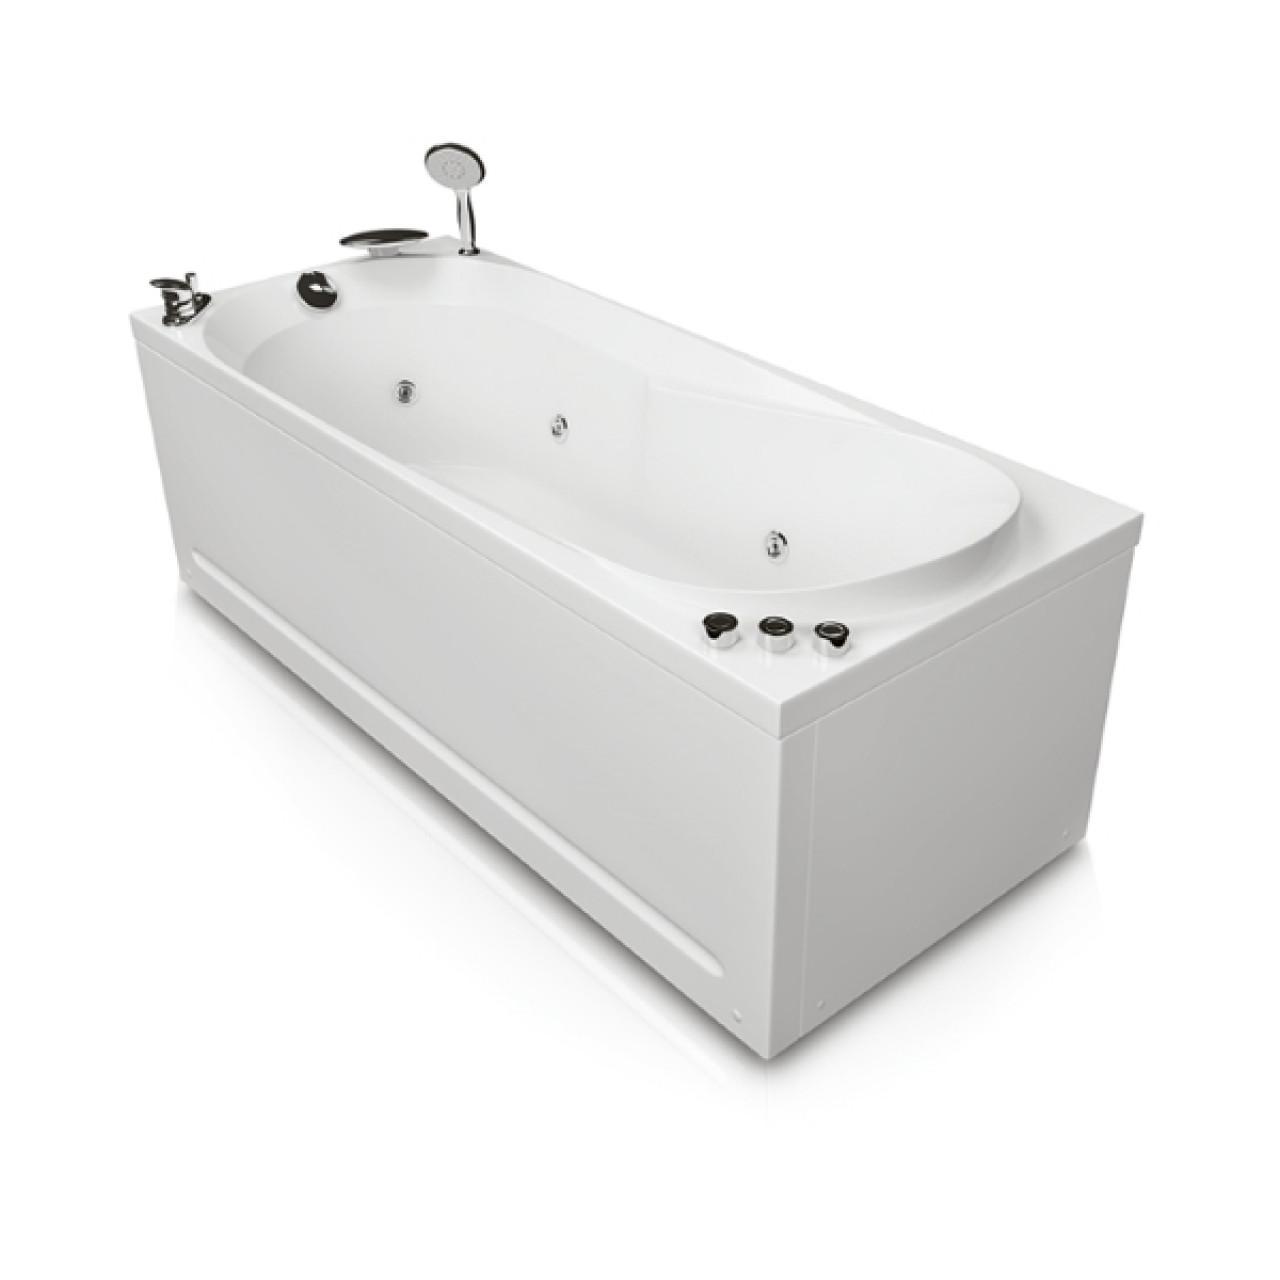 Акриловая ванна Акватика Астра Basic 170х70х56 купить в Москве по цене от 37790р. в интернет-магазине mebel-v-vannu.ru